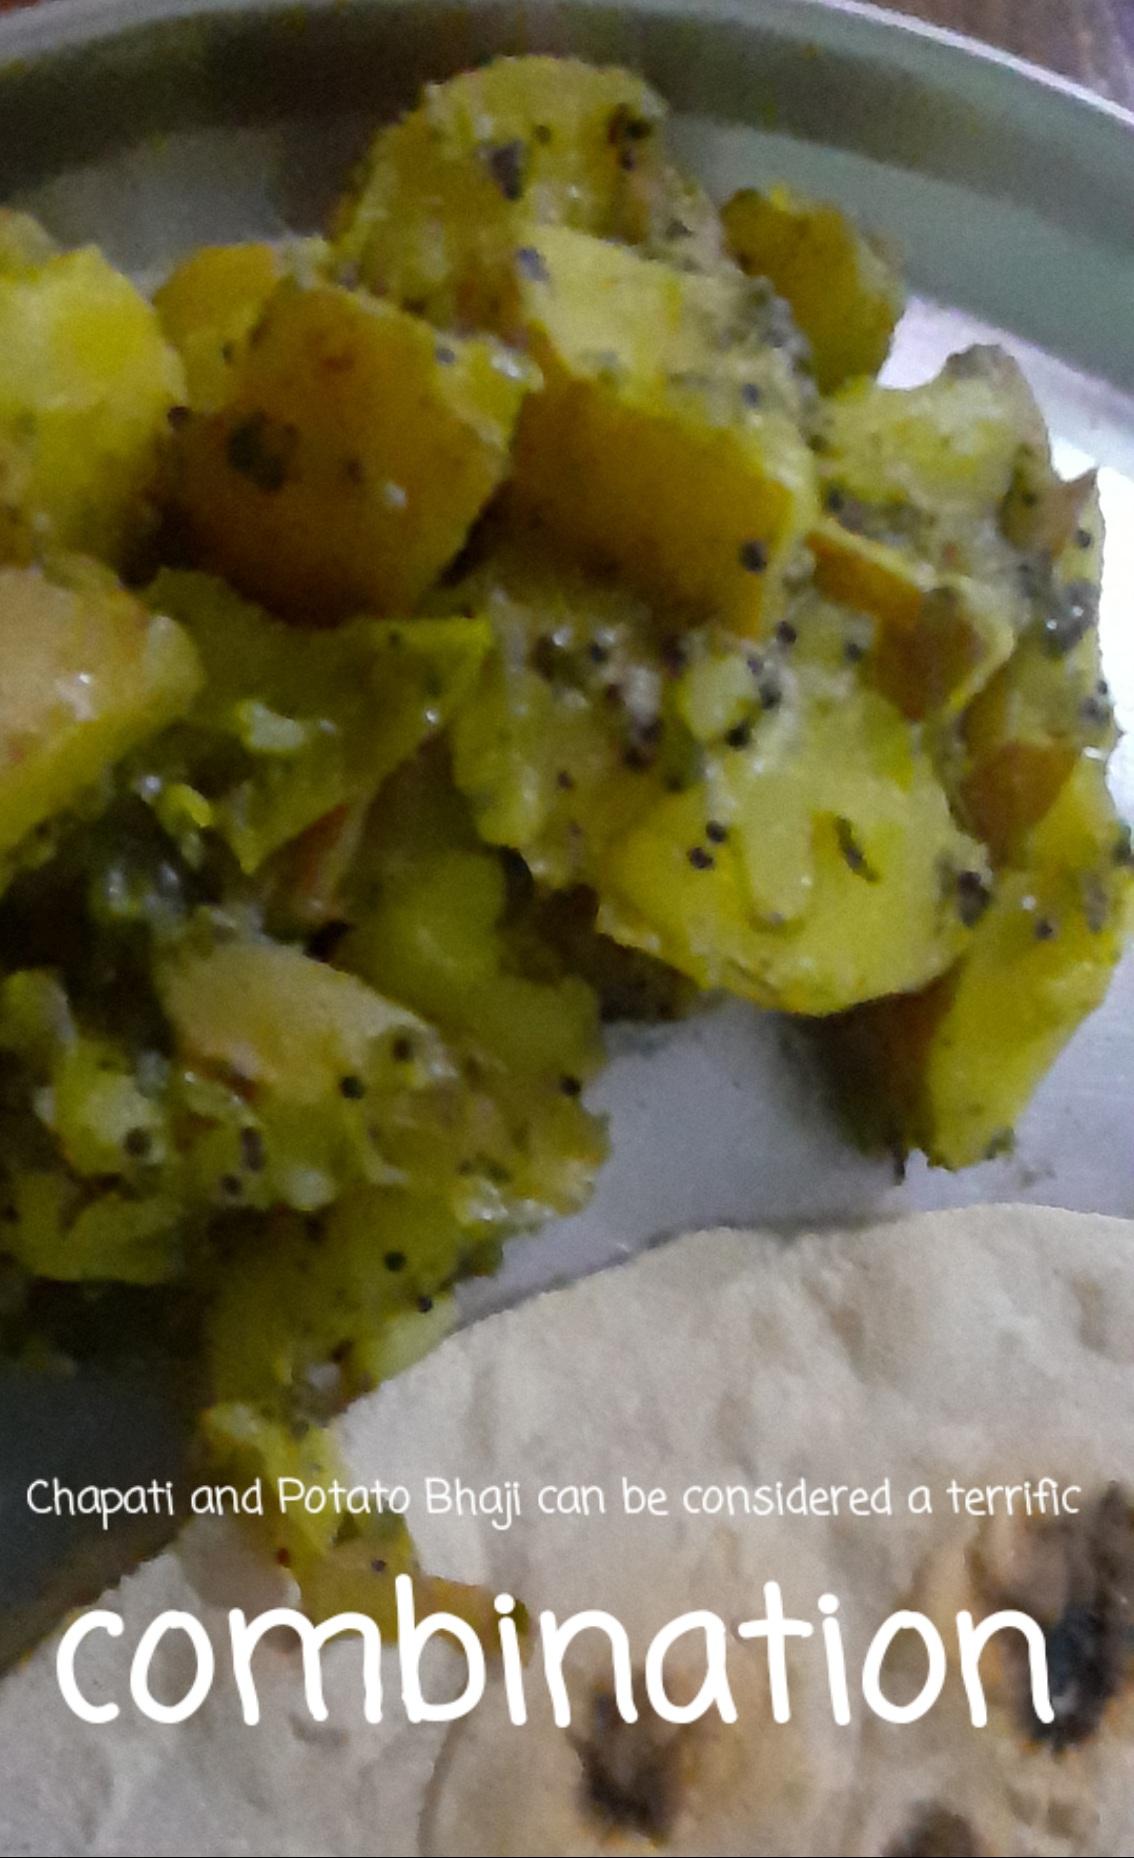 Chapati and Potato Bhaji